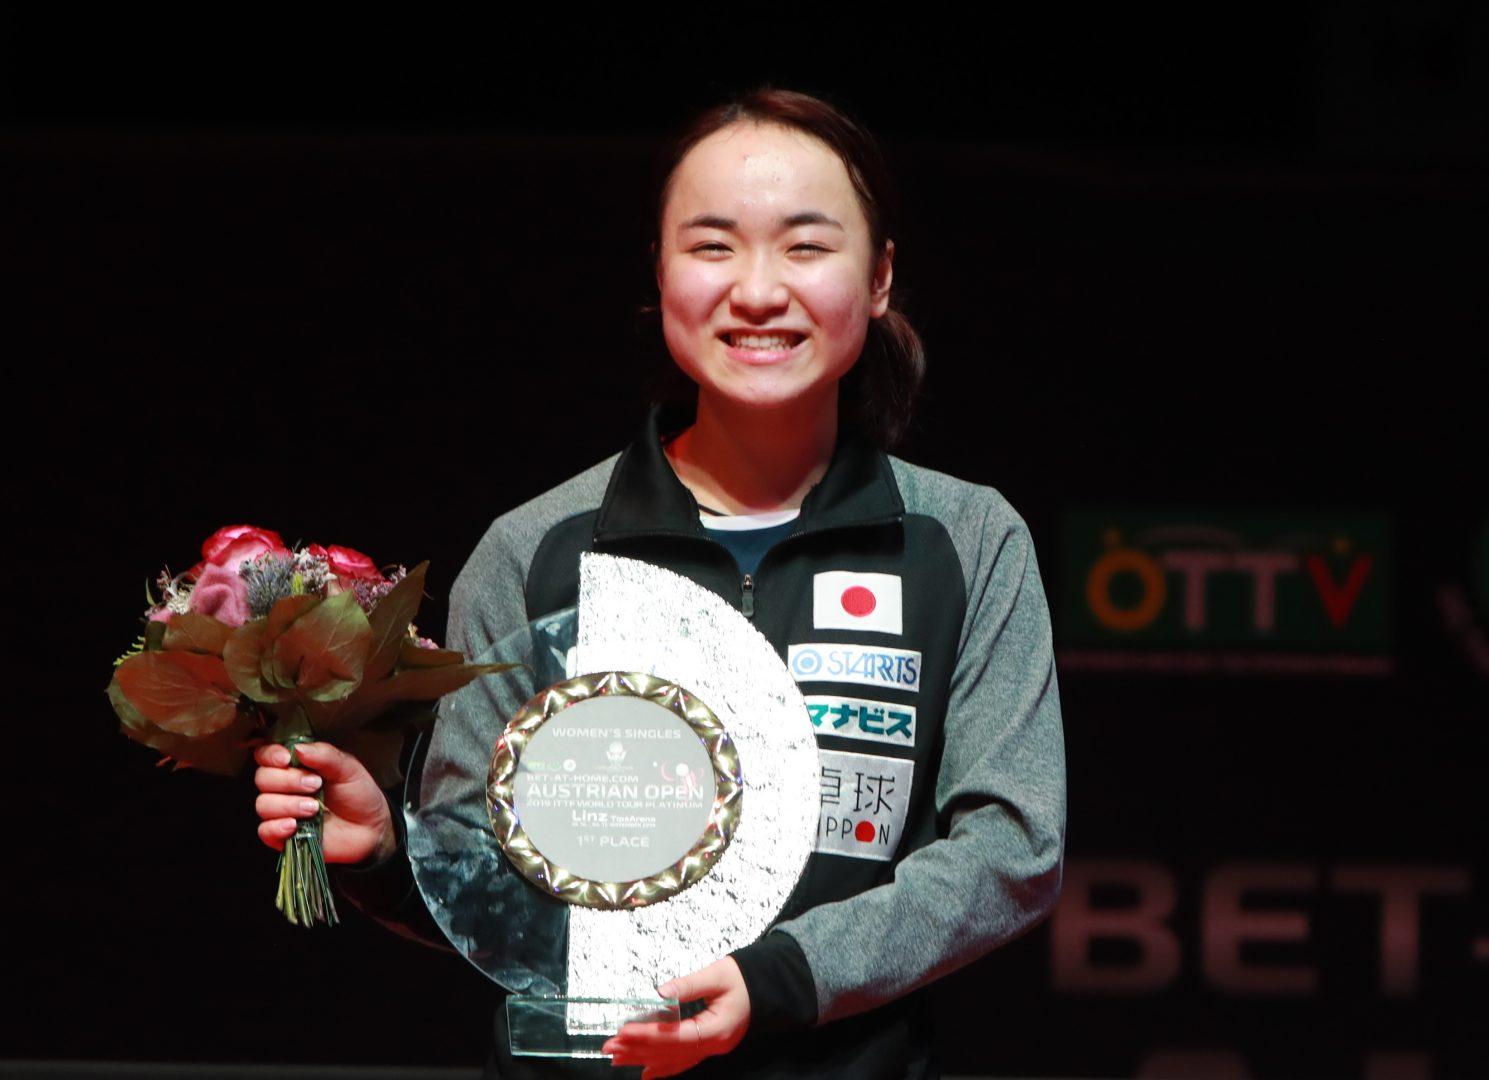 【今週の日本の卓球】伊藤美誠、今季ツアーシングルス初優勝 オーストリアオープン全日程終了